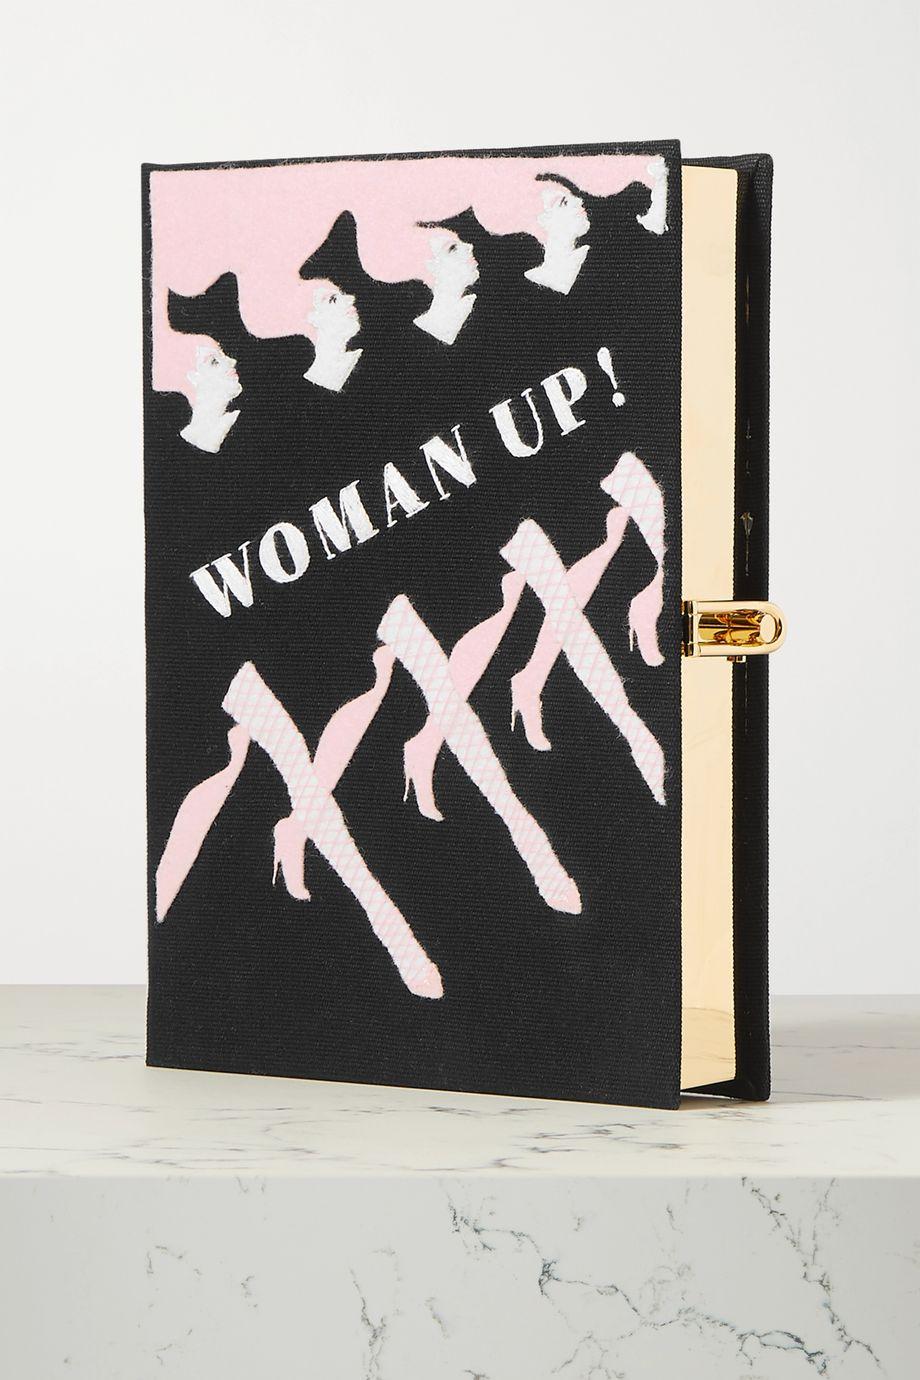 Olympia Le-Tan + International Women's Day Clutch aus Canvas mit Applikationen und Stickereien